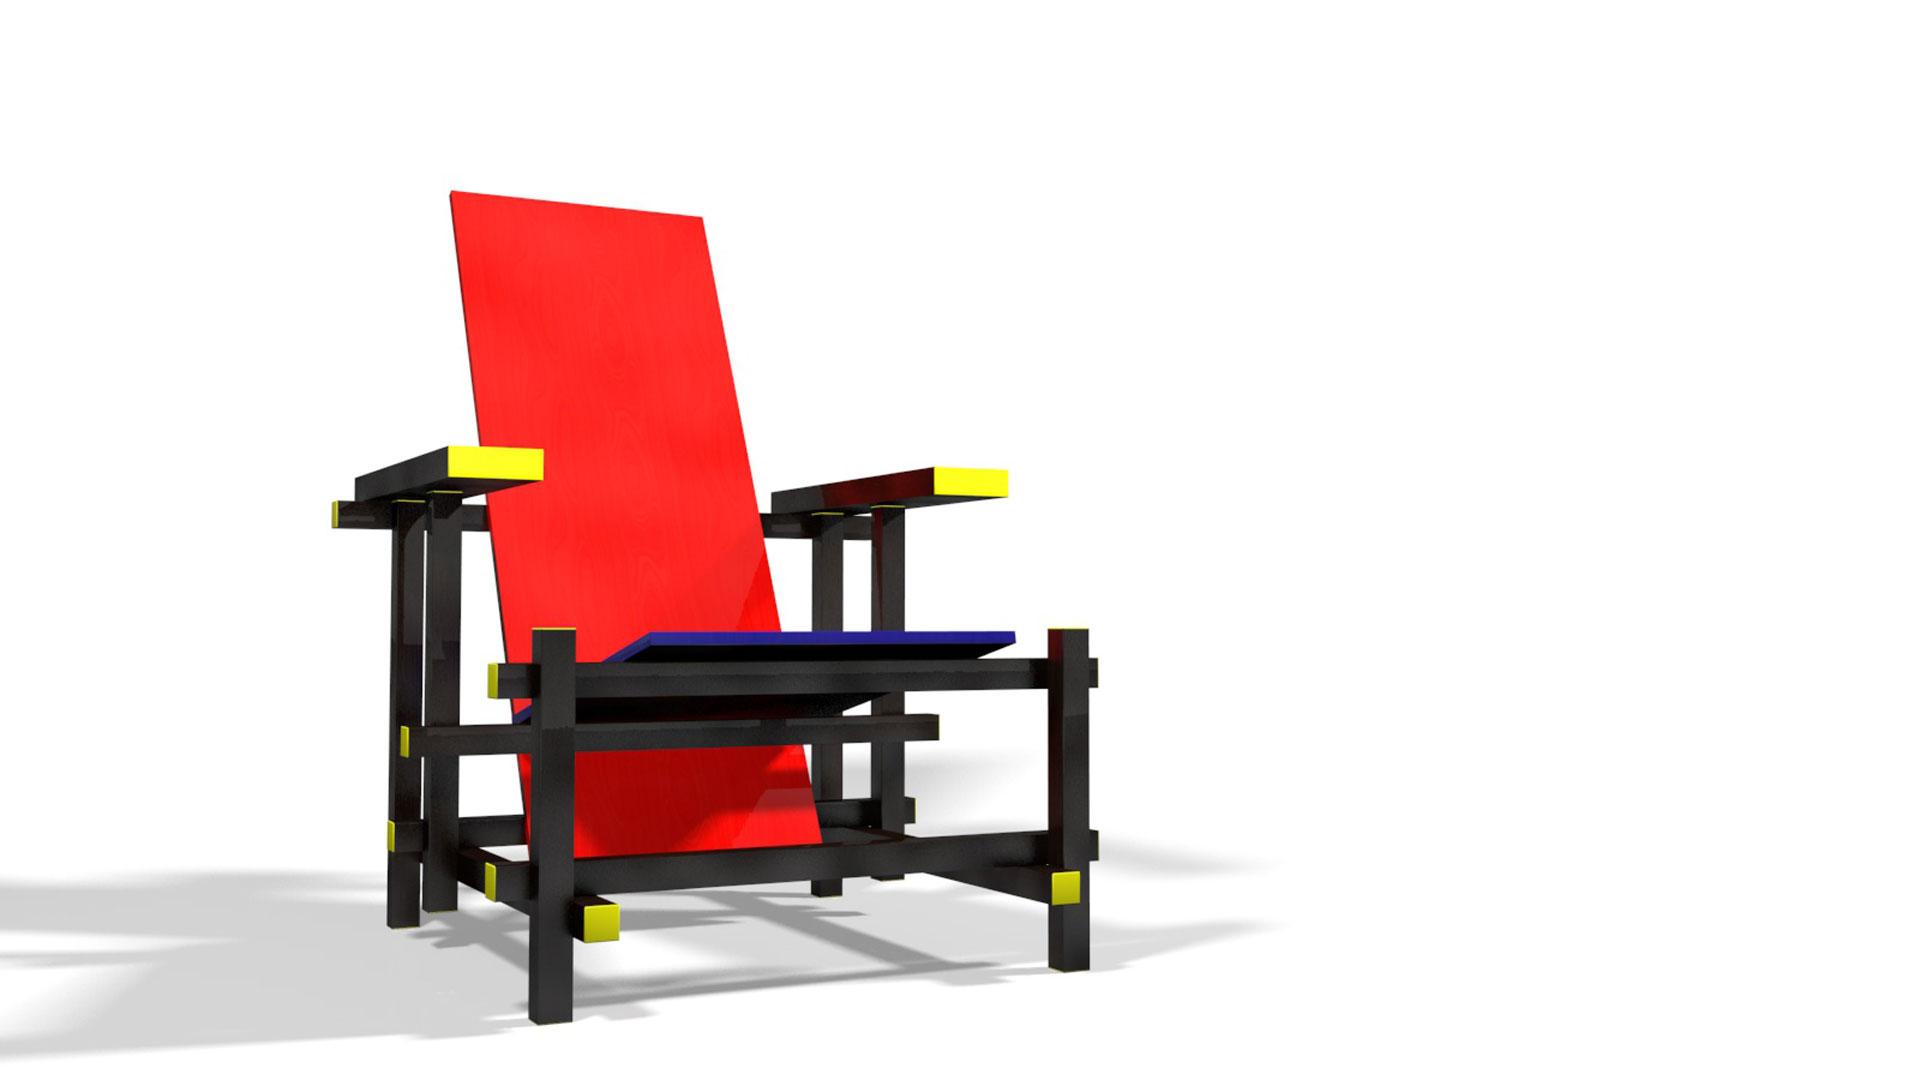 Chaise rouge et bleue conceptions de maison for Chaise rouge et bleue